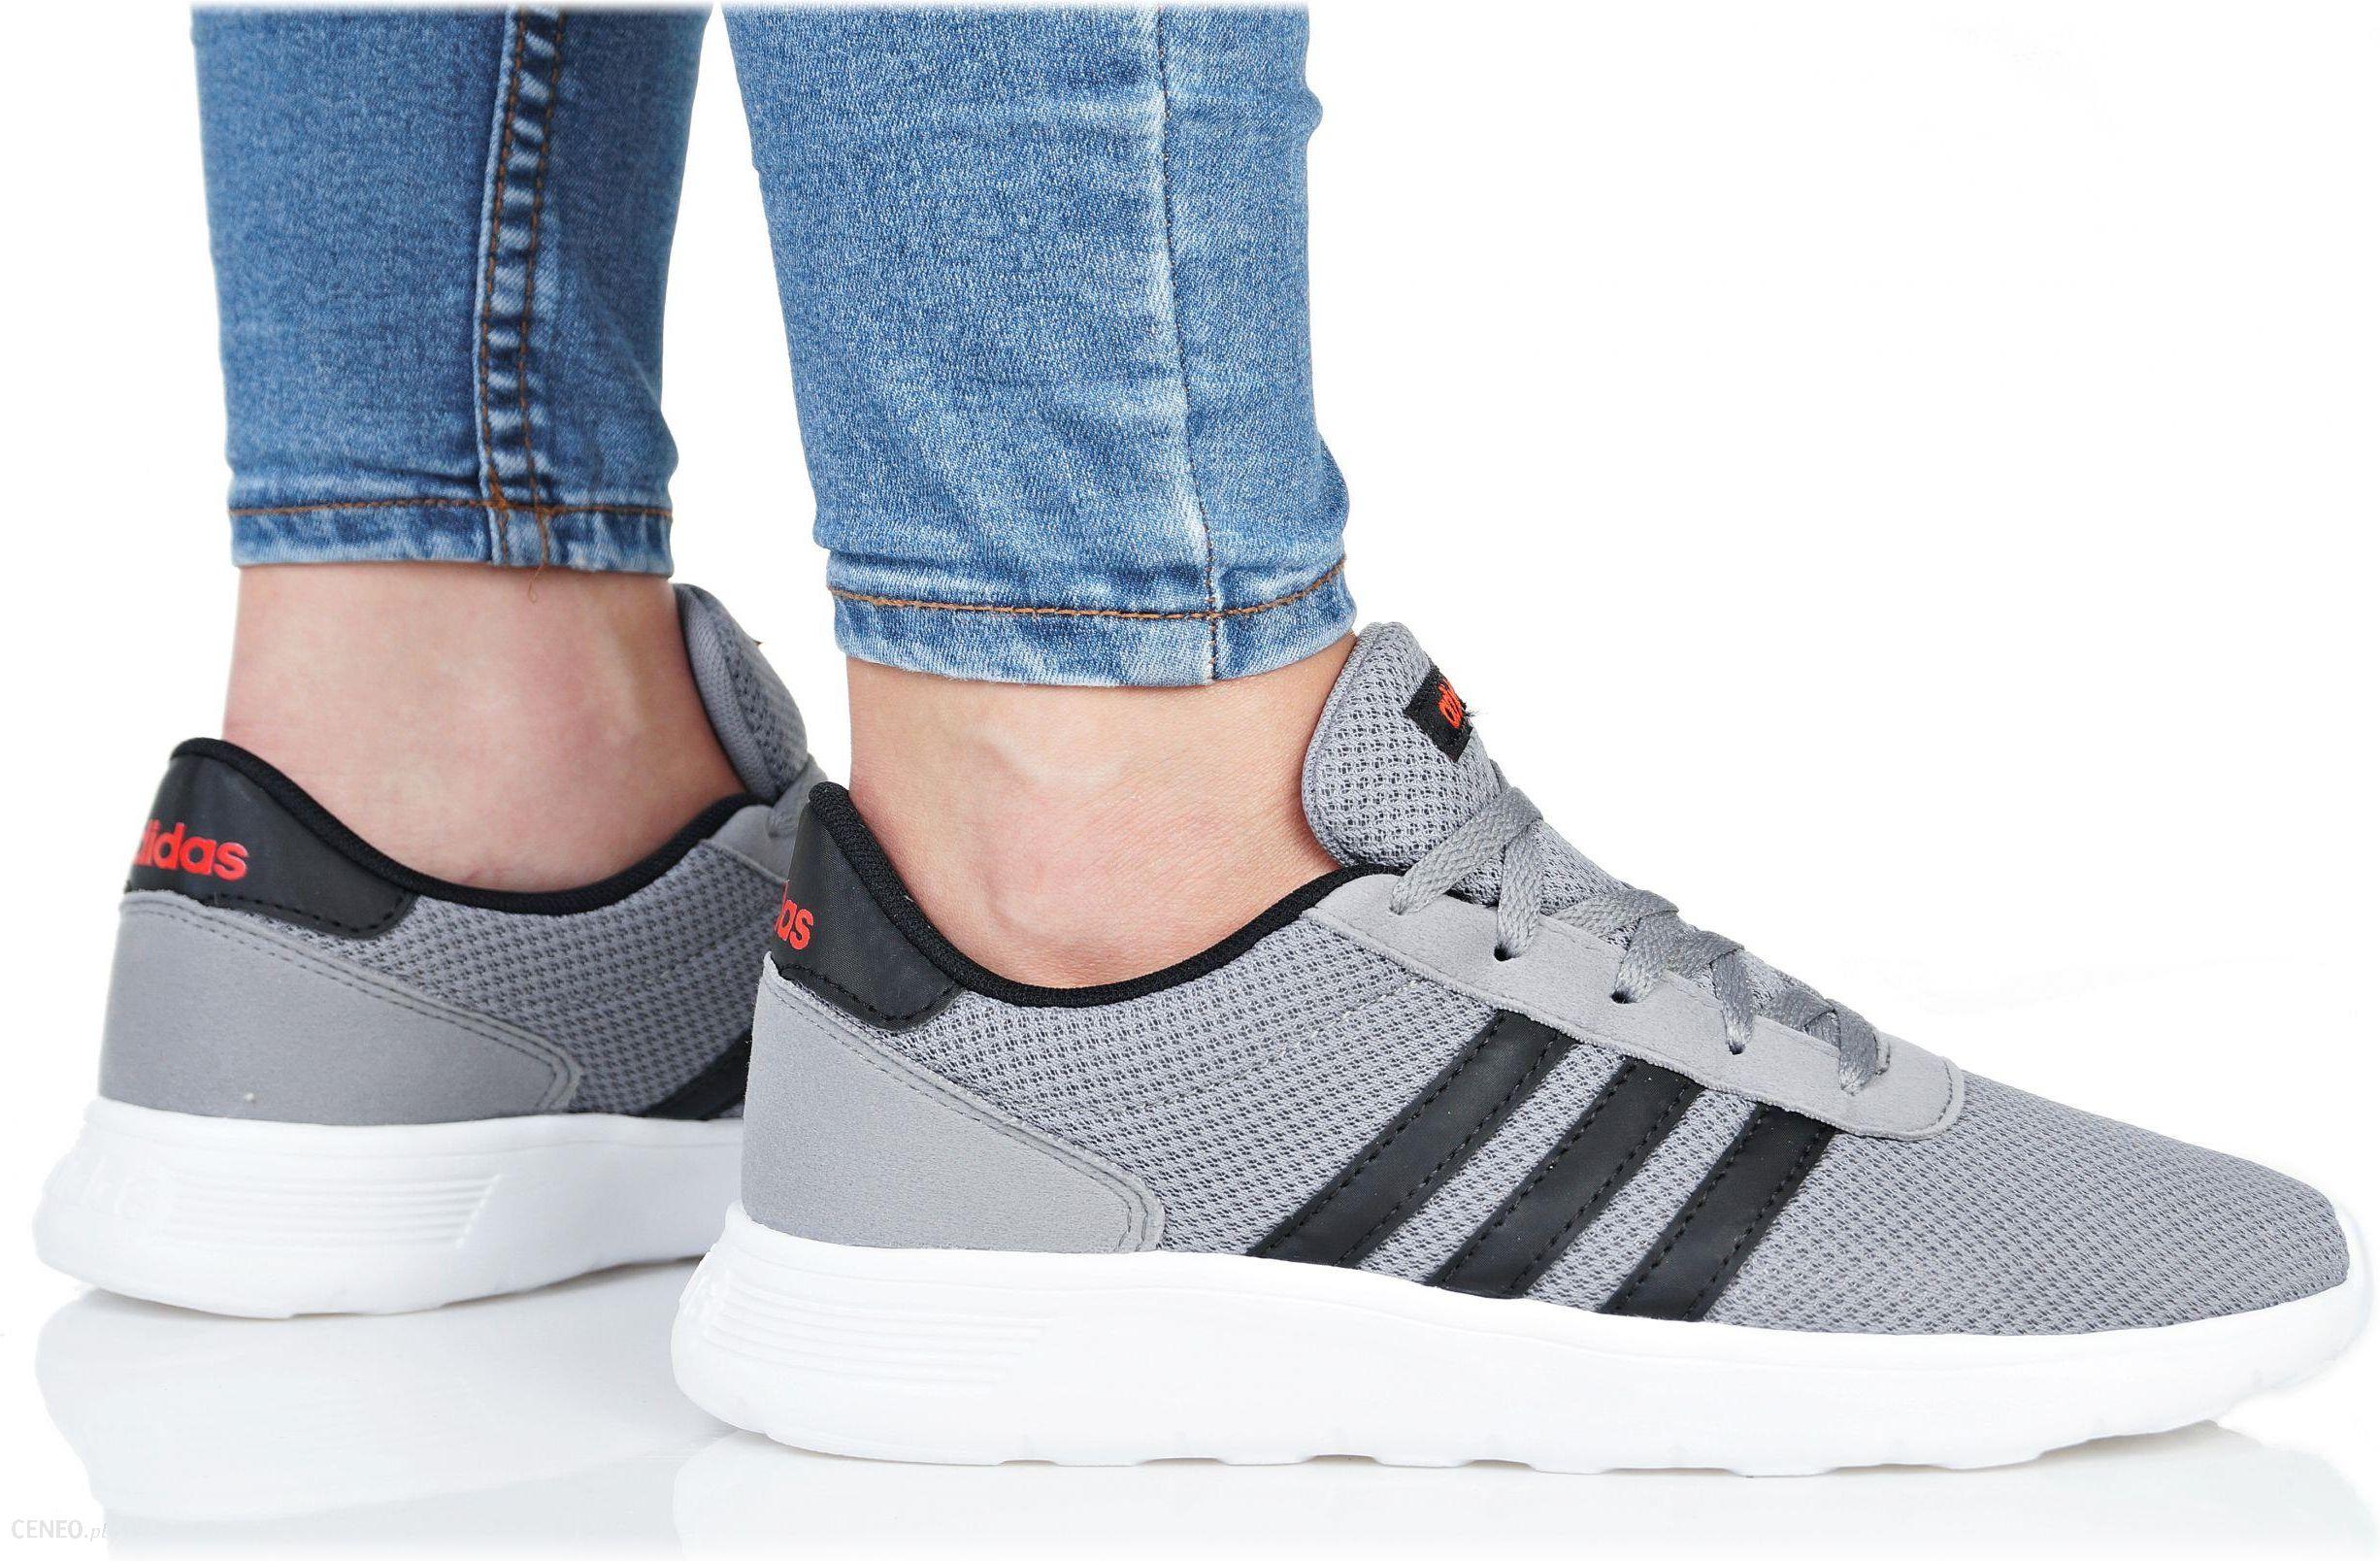 Adidas, Buty damskie, Lite racer k, rozmiar 37 13 Adidas